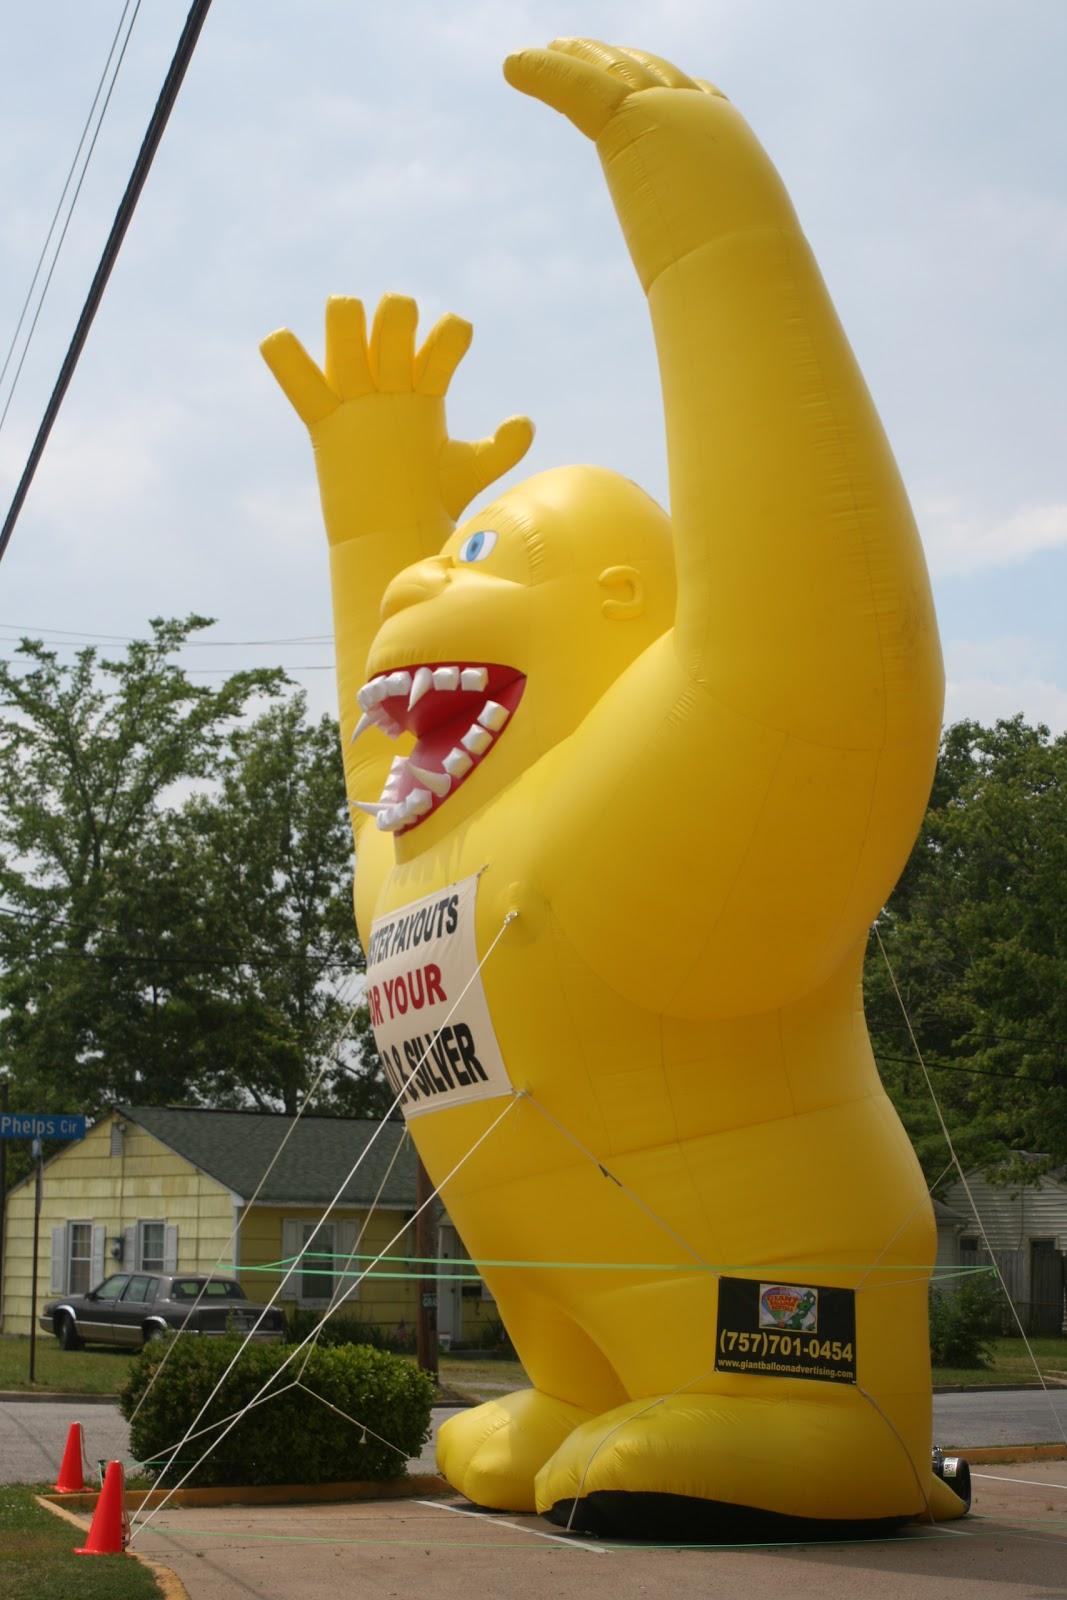 on Big Yellow Inflatable